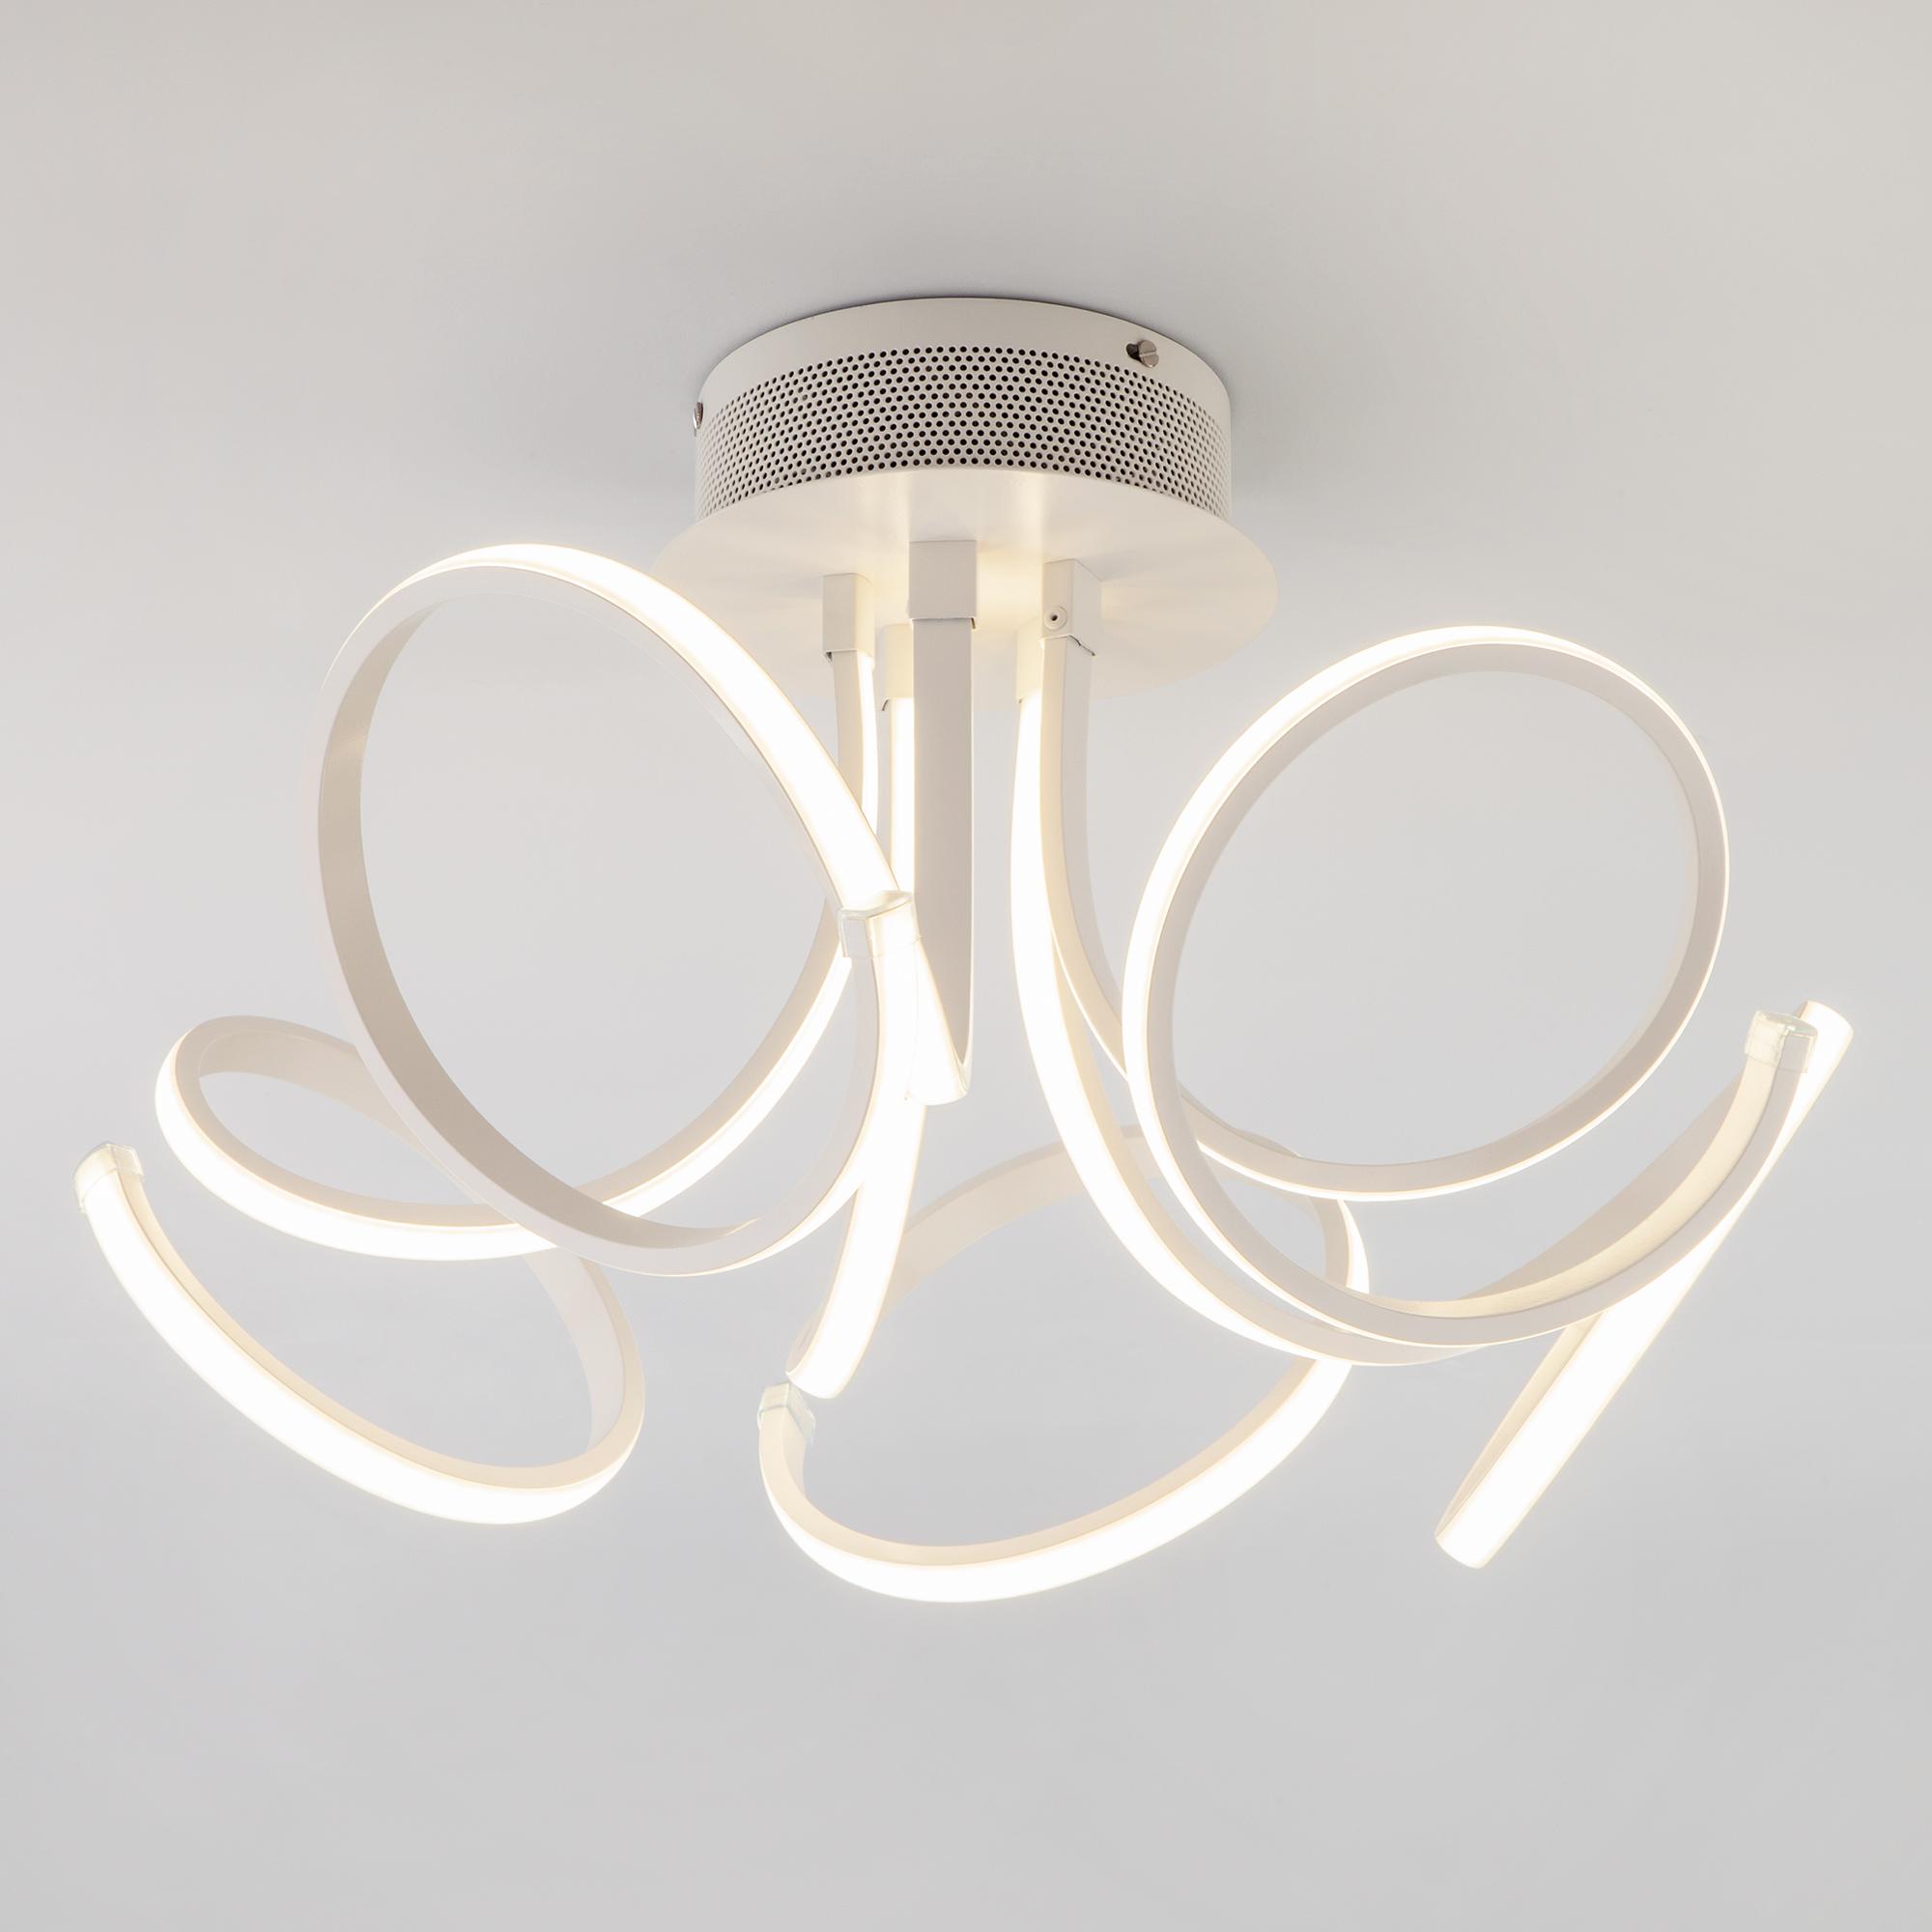 Потолочный светодиодный светильник Eurosvet Arcana 90111/5 белый